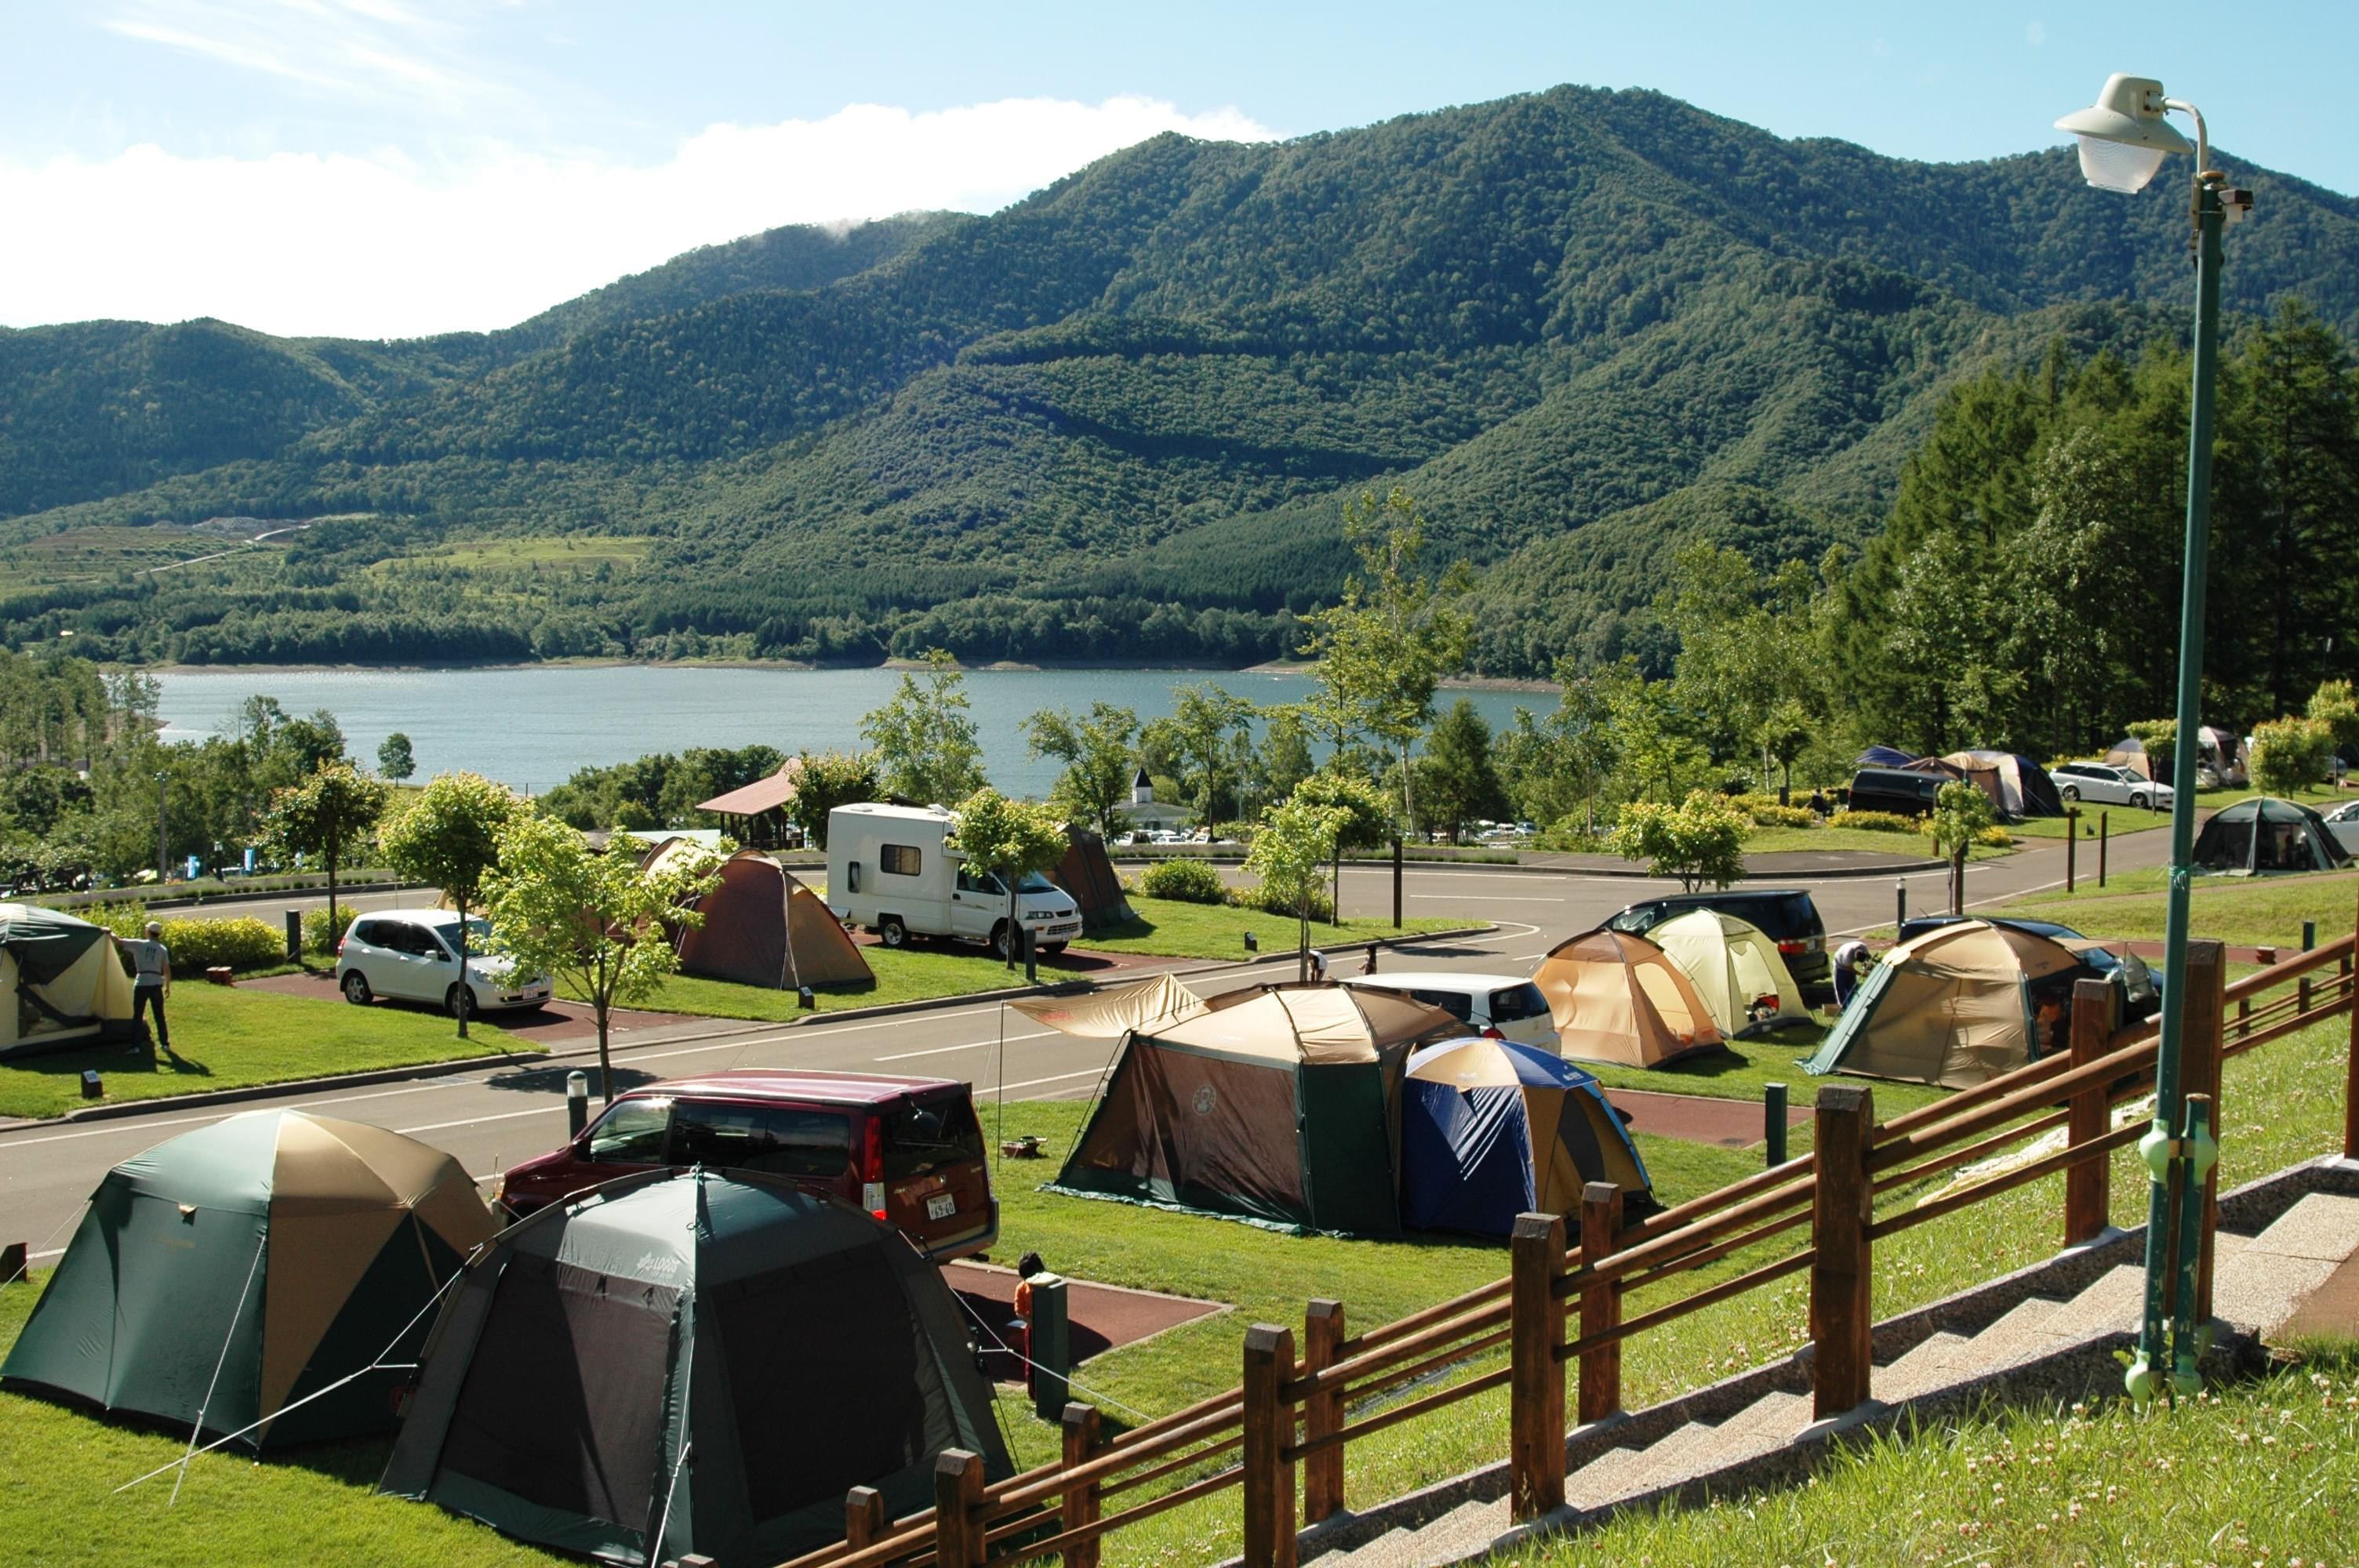 【北海道】温泉とセットで楽しめる!北海道のキャンプ場15選(道南・道央編)